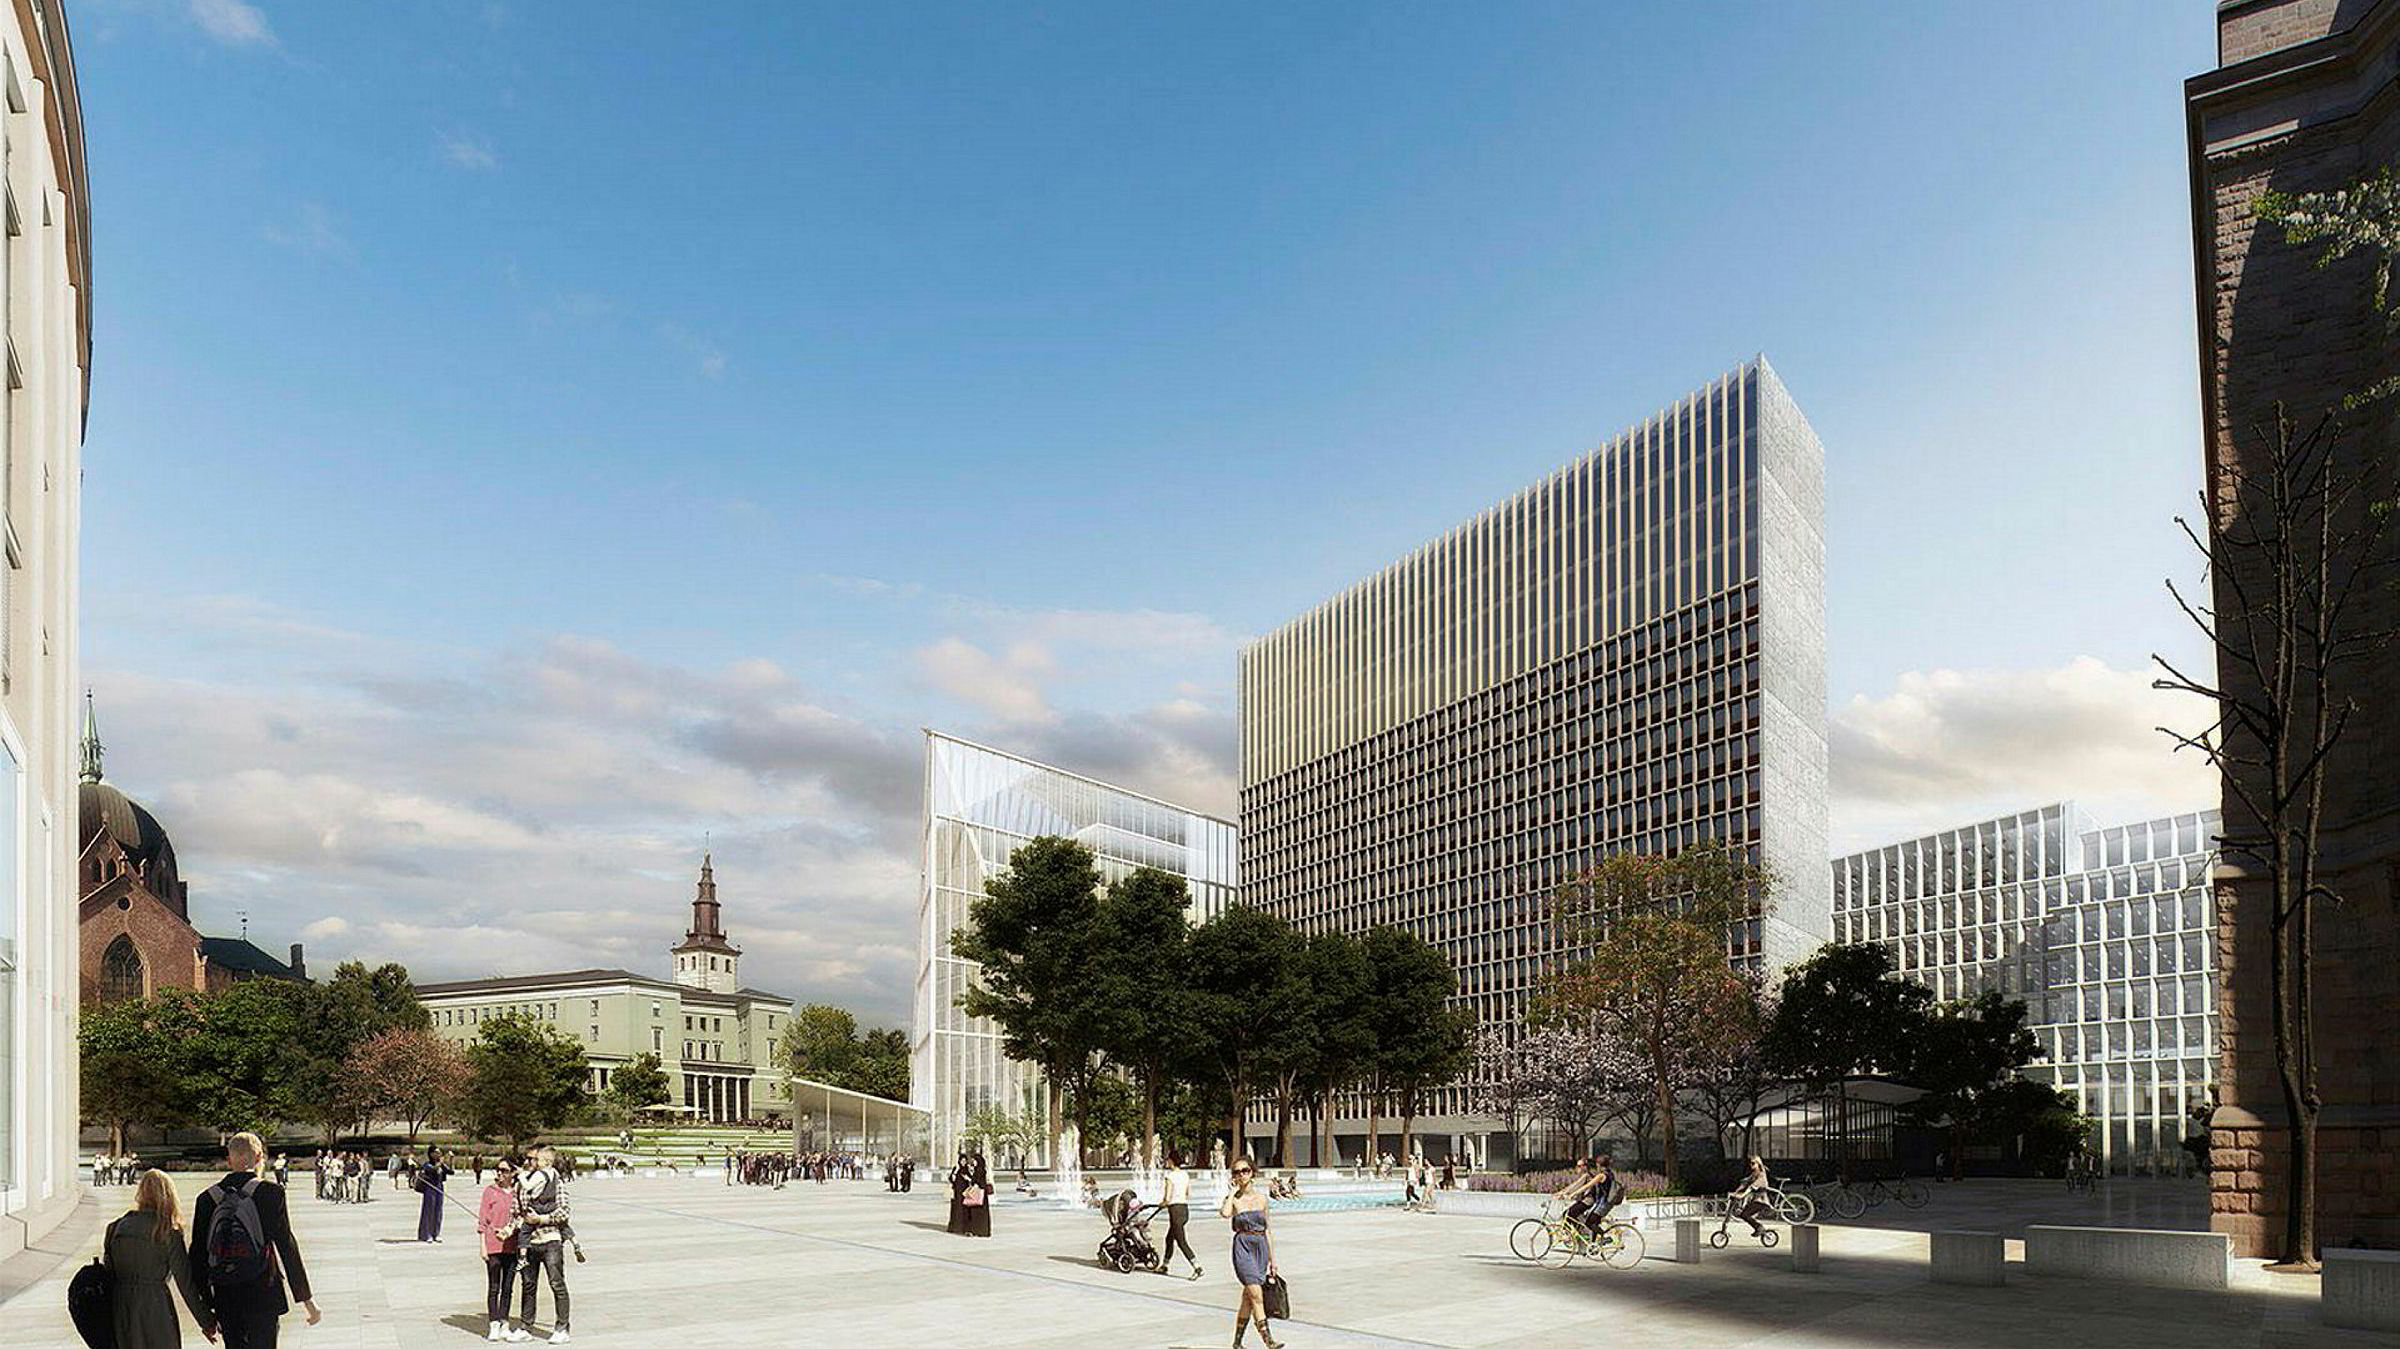 Slik skal det nye regjeringskvartalet se ut. Team Ubris' forslag Adap. Illustrasjon: Team Ubris/Statsbygg